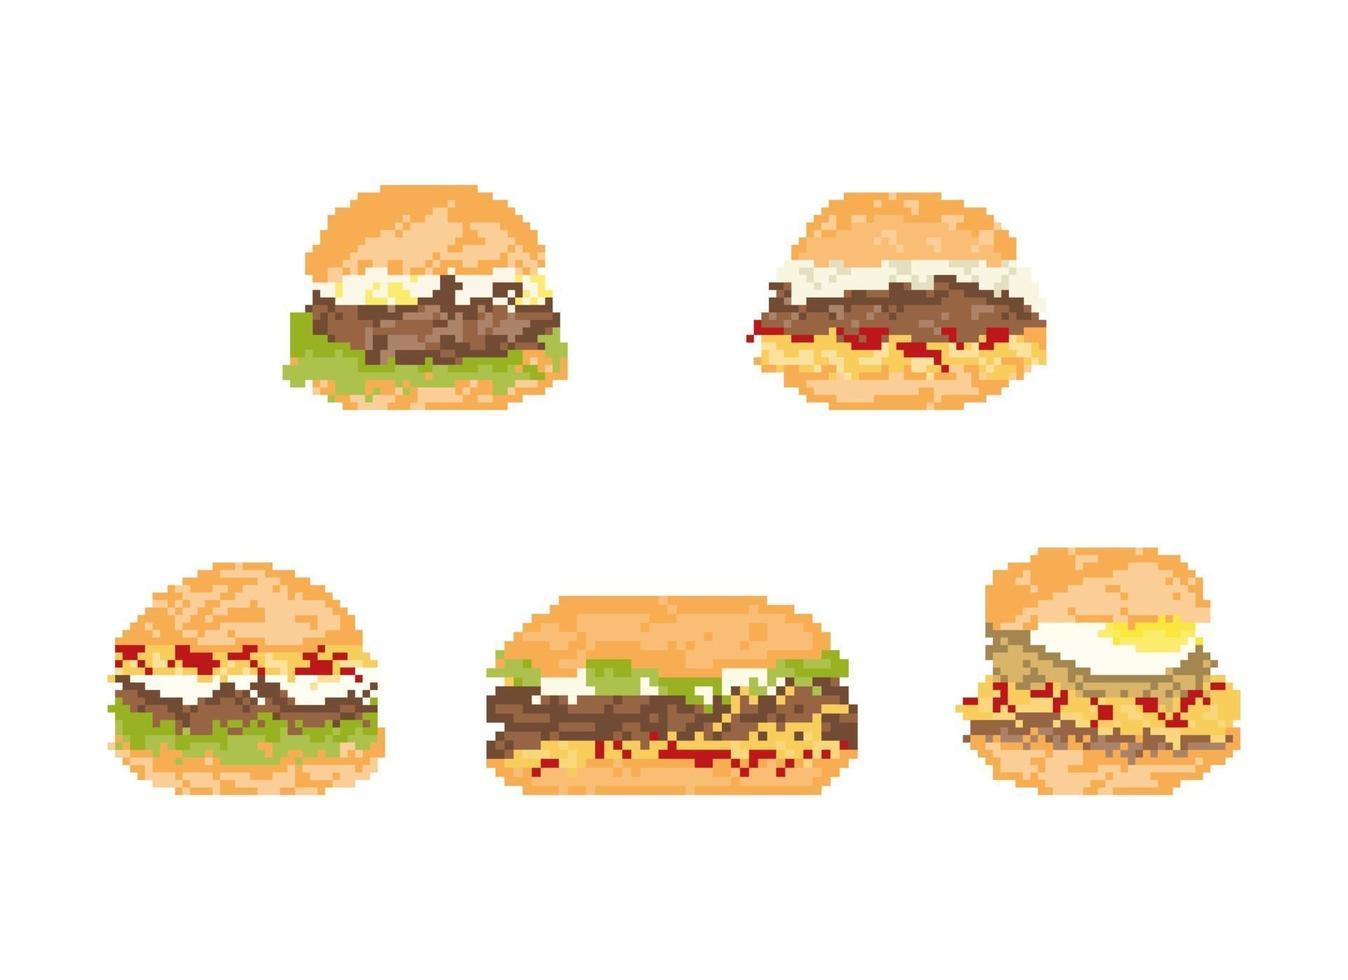 uppsättning hamburgare i pixelkonst. 8-bitars konstvektorillustration. vektor